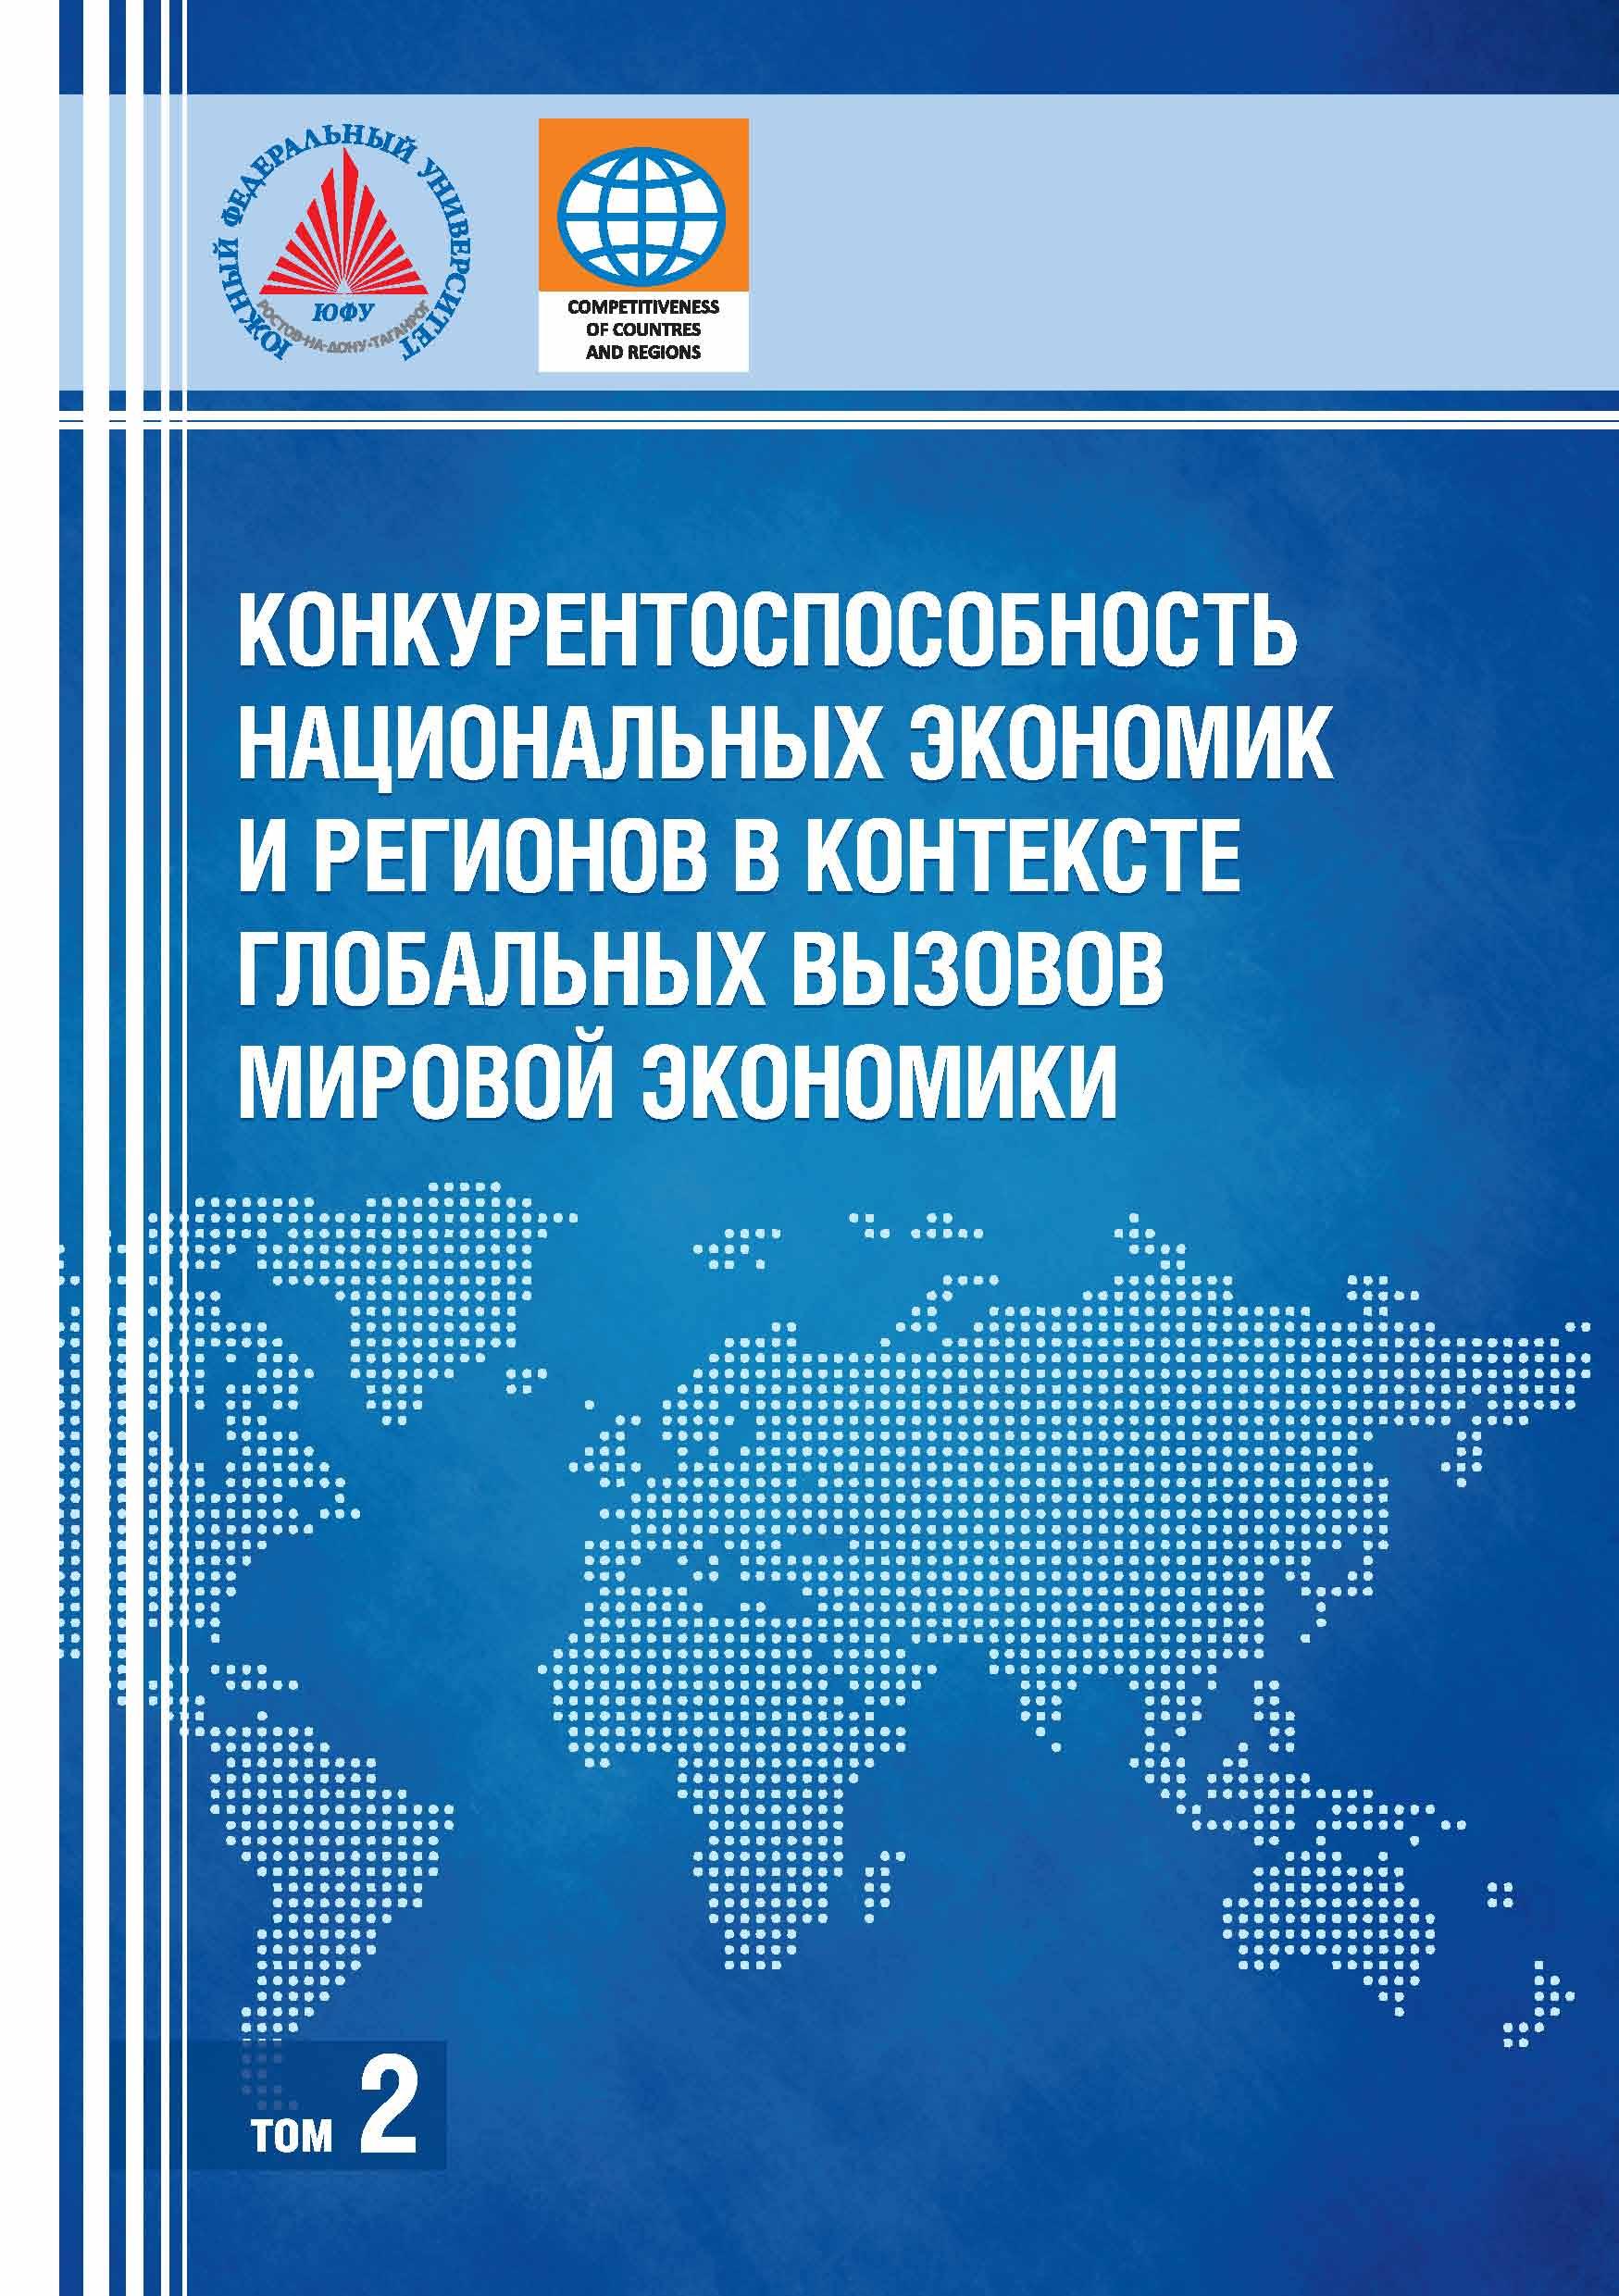 Коллектив авторов Конкурентоспособность национальных экономик и регионов в контексте глобальных вызовов мировой экономики. Том 2 горин горяйнов б а актеры из воспоминаний